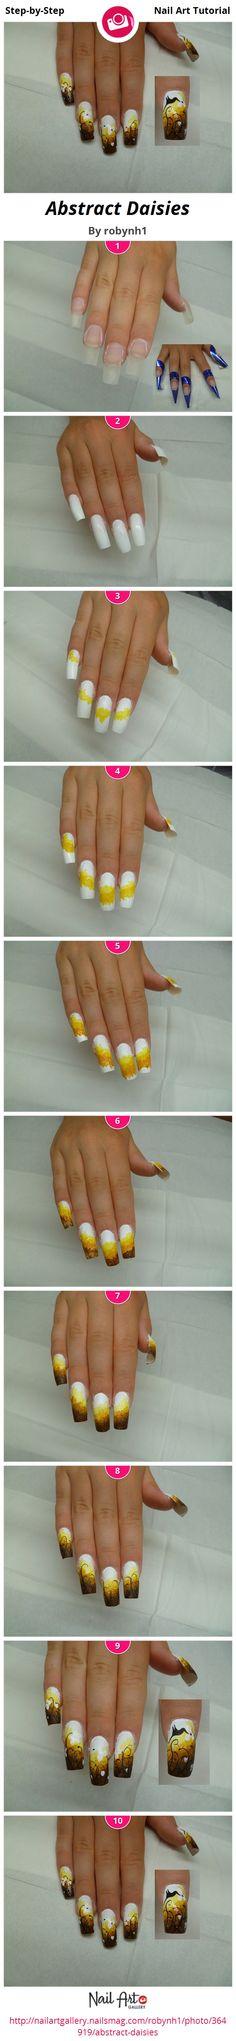 Abstract Daisies by robynh1 - Nail Art Gallery Step-by-Step Tutorials nailartgallery.nailsmag.com by Nails Magazine www.nailsmag.com #nailart